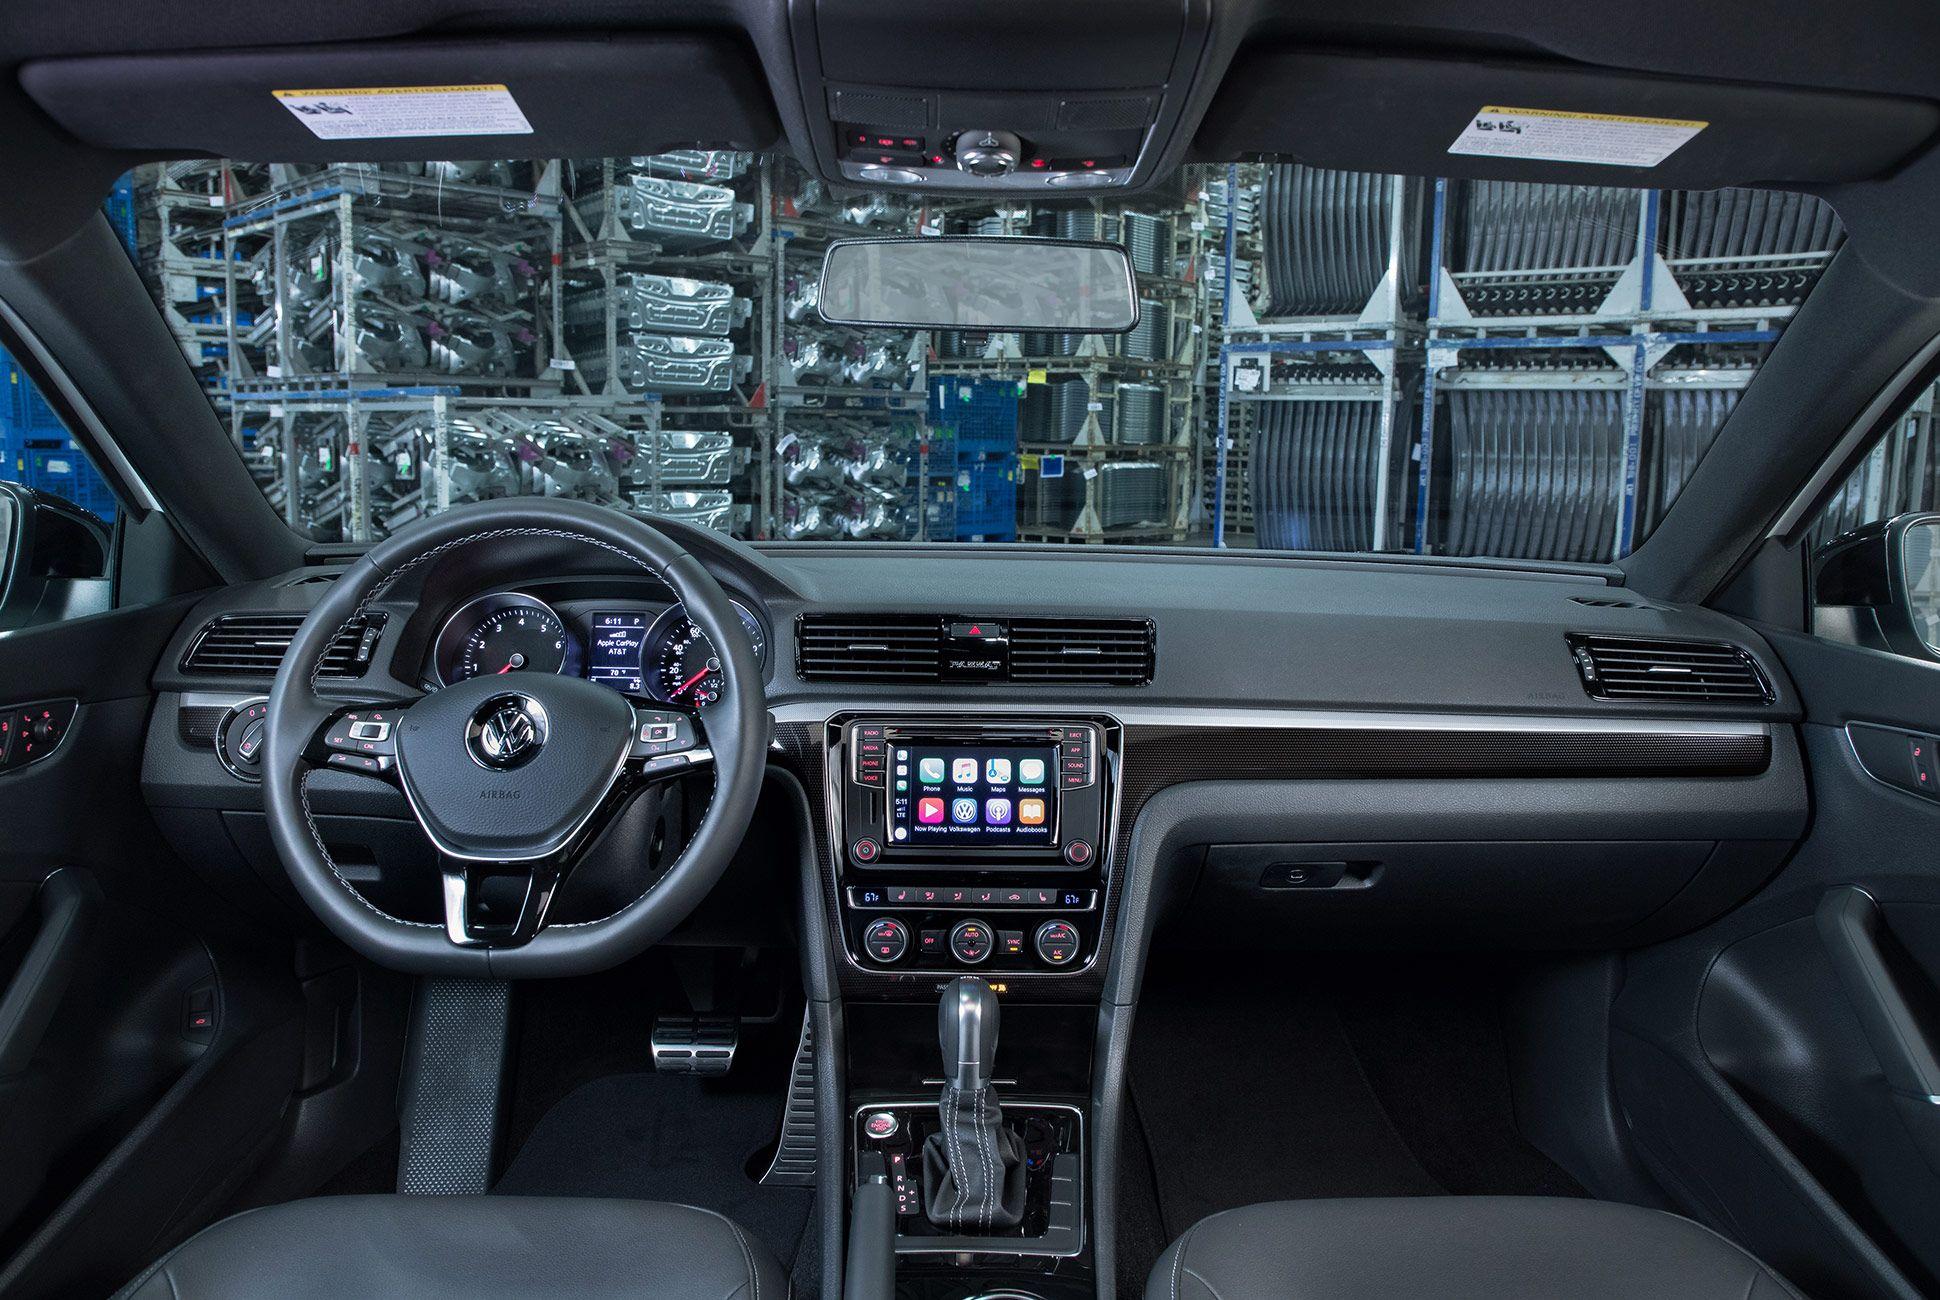 Volkswagen-GT-Passat-gear-patrol-7